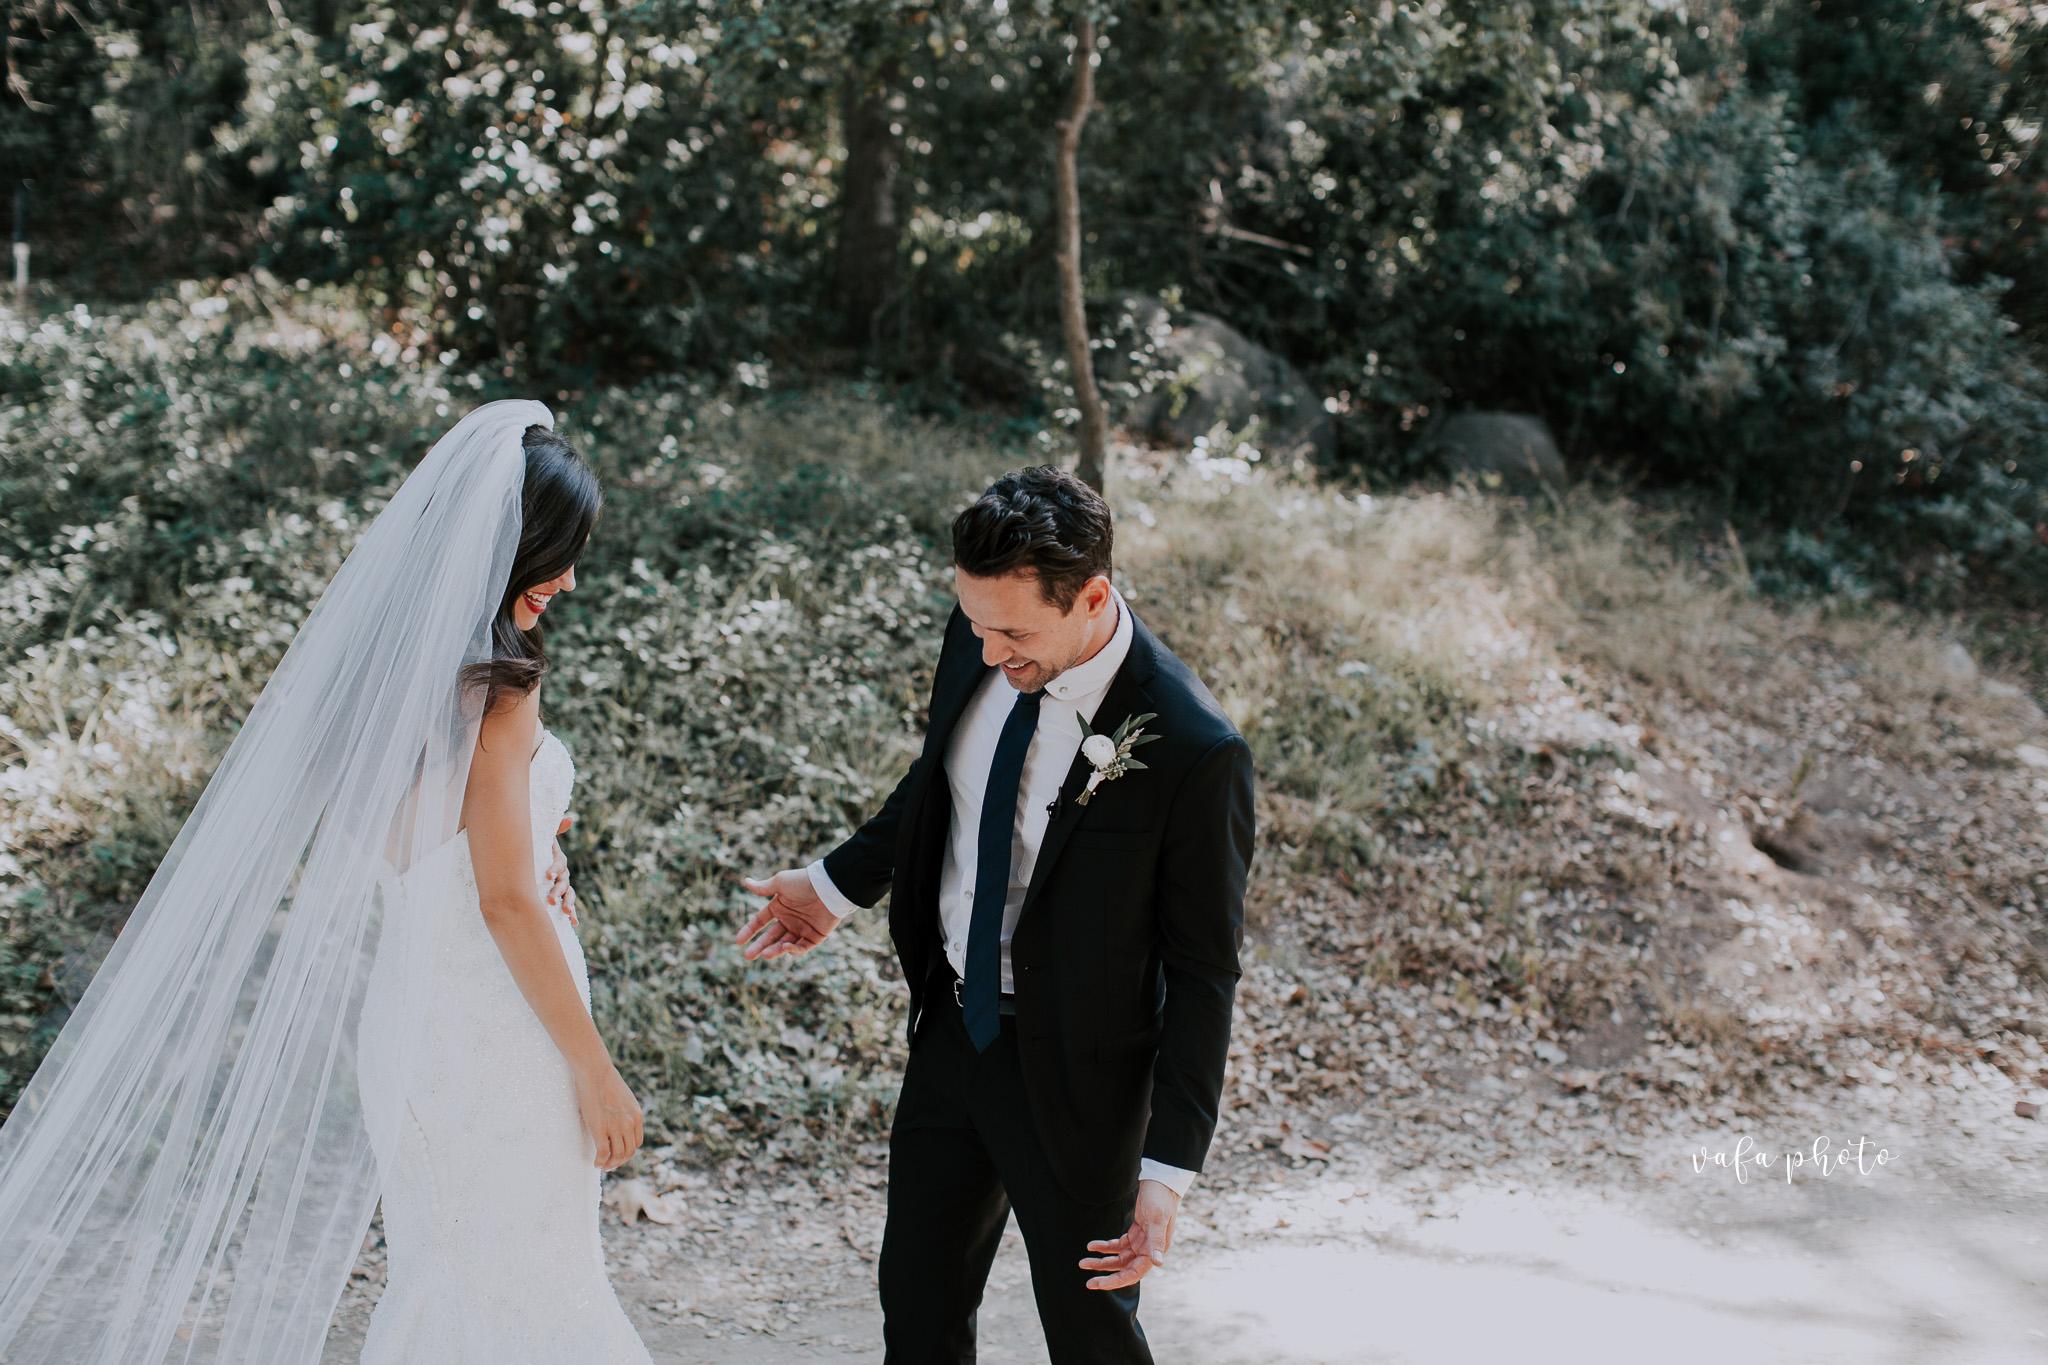 Southern-California-Wedding-Britt-Nilsson-Jeremy-Byrne-Vafa-Photo-207.jpg